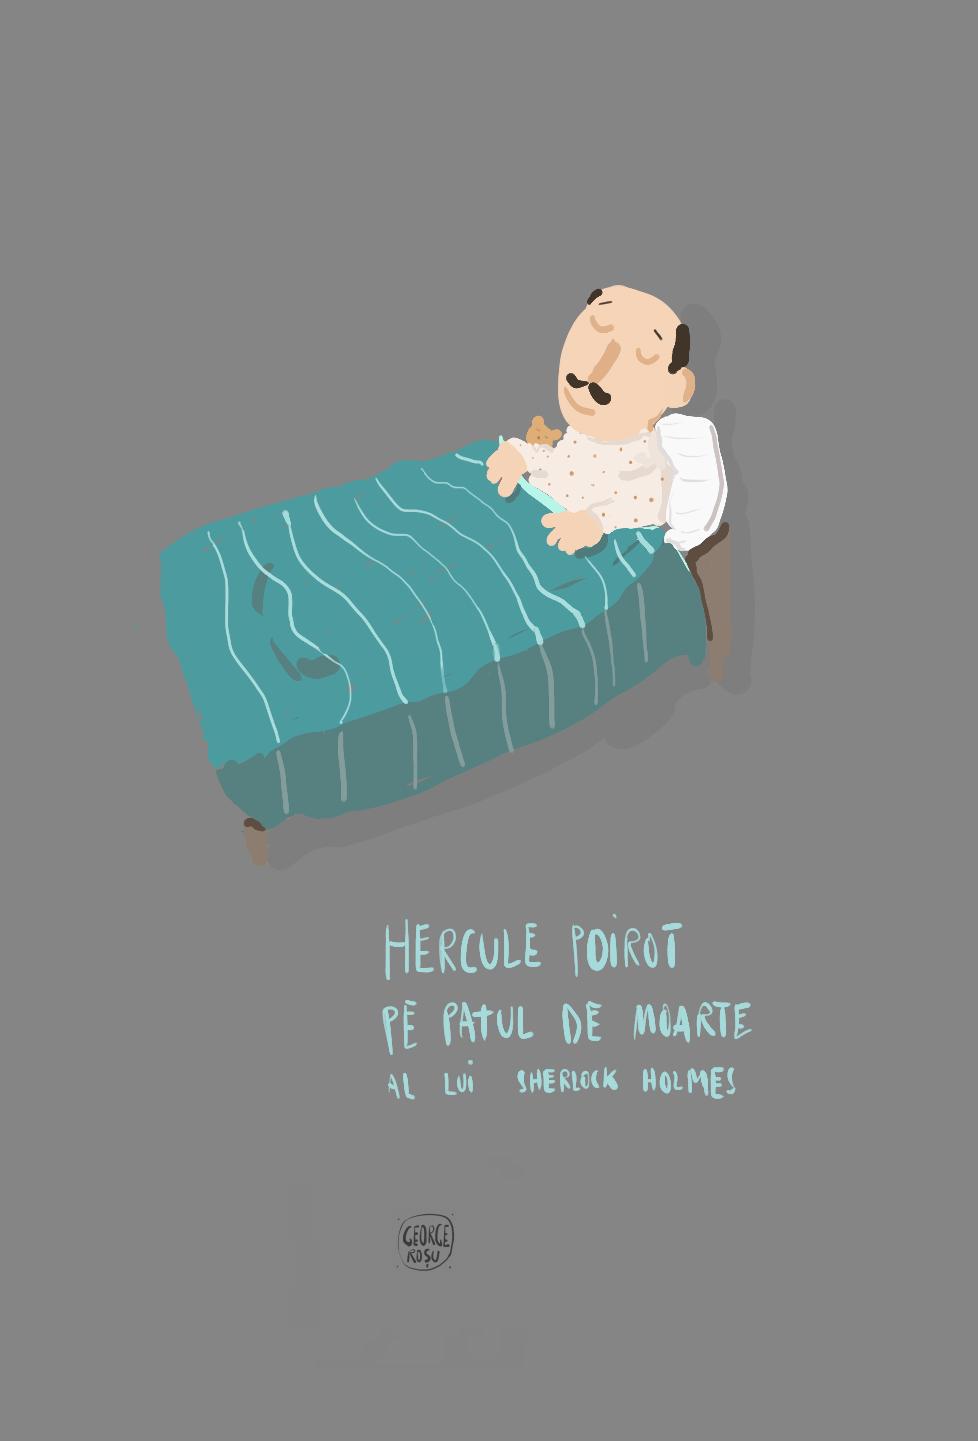 Poirot - George Rosu